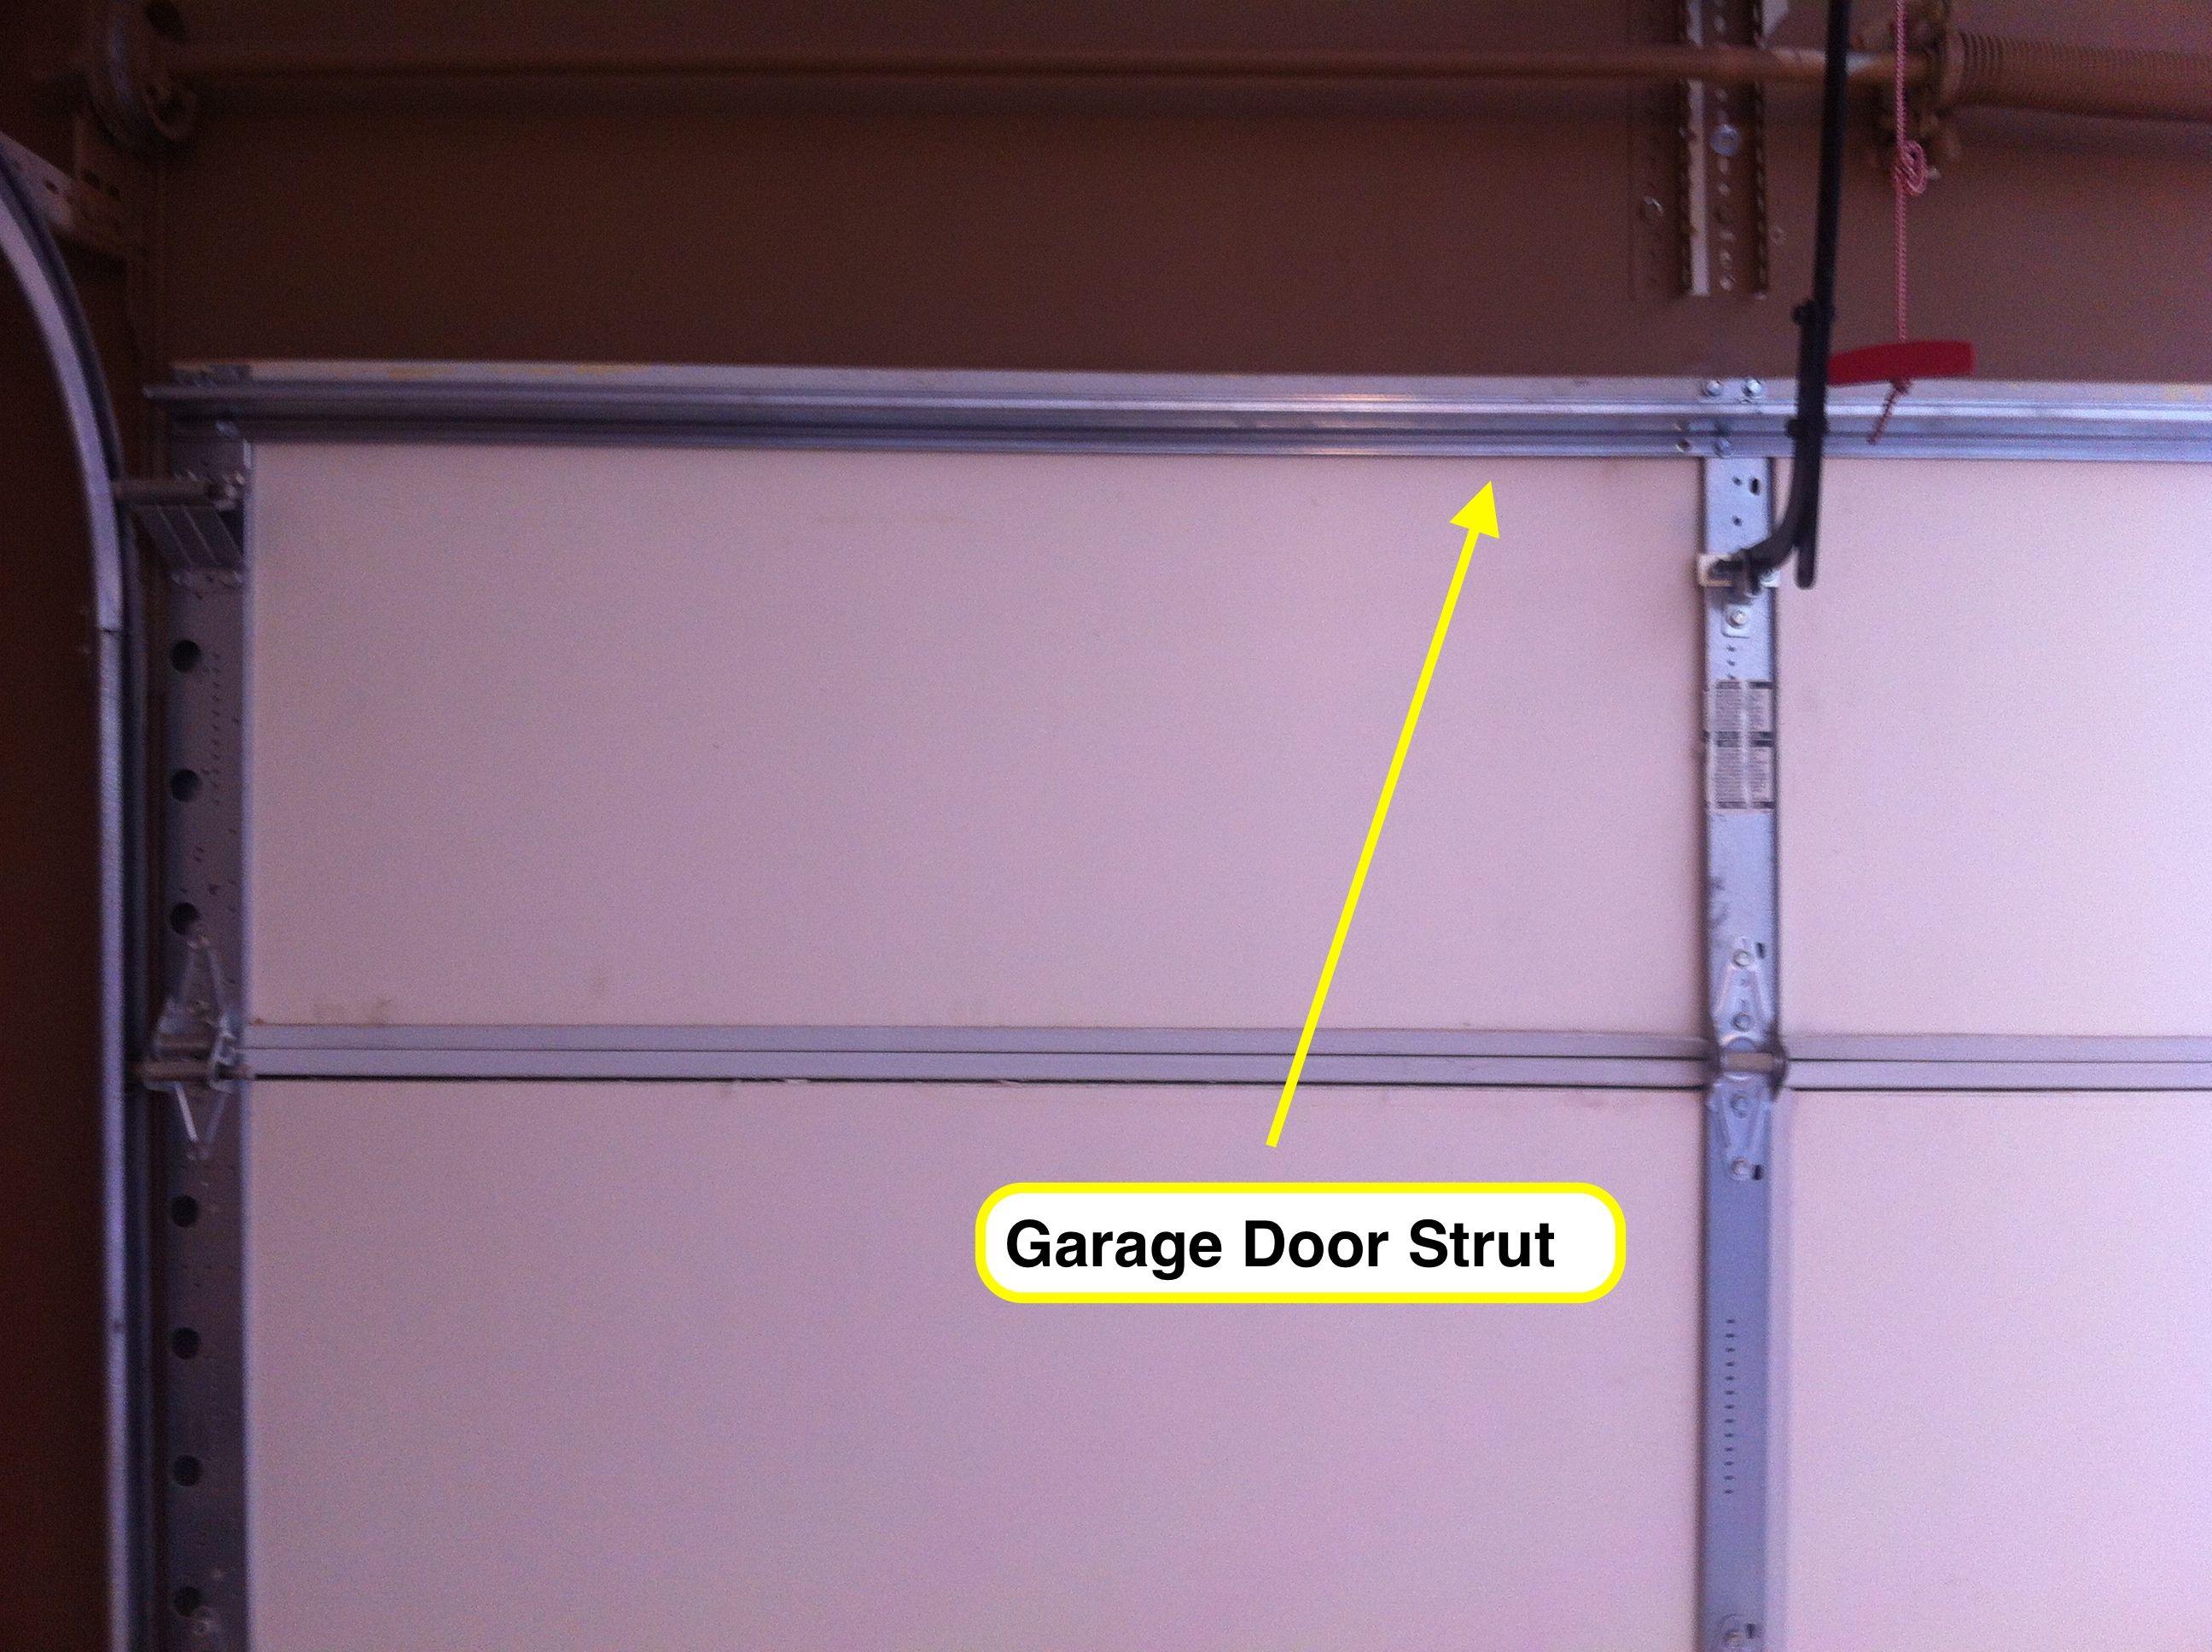 Best Garage Door Opener For 16 Foot